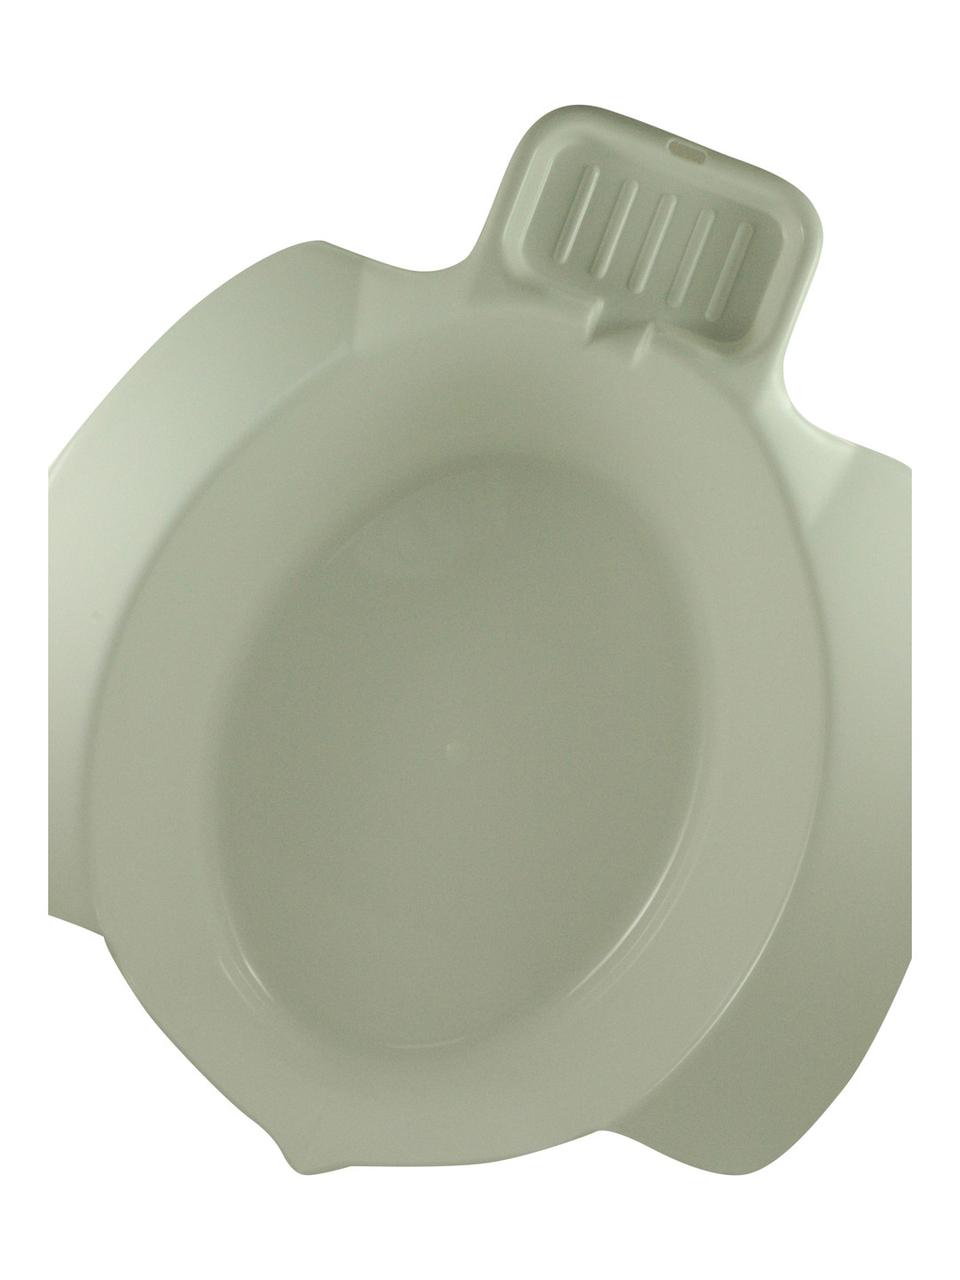 Wonderbaarlijk Plastic inzetbidet voor op toilet - Lekker in mn vel SB-83